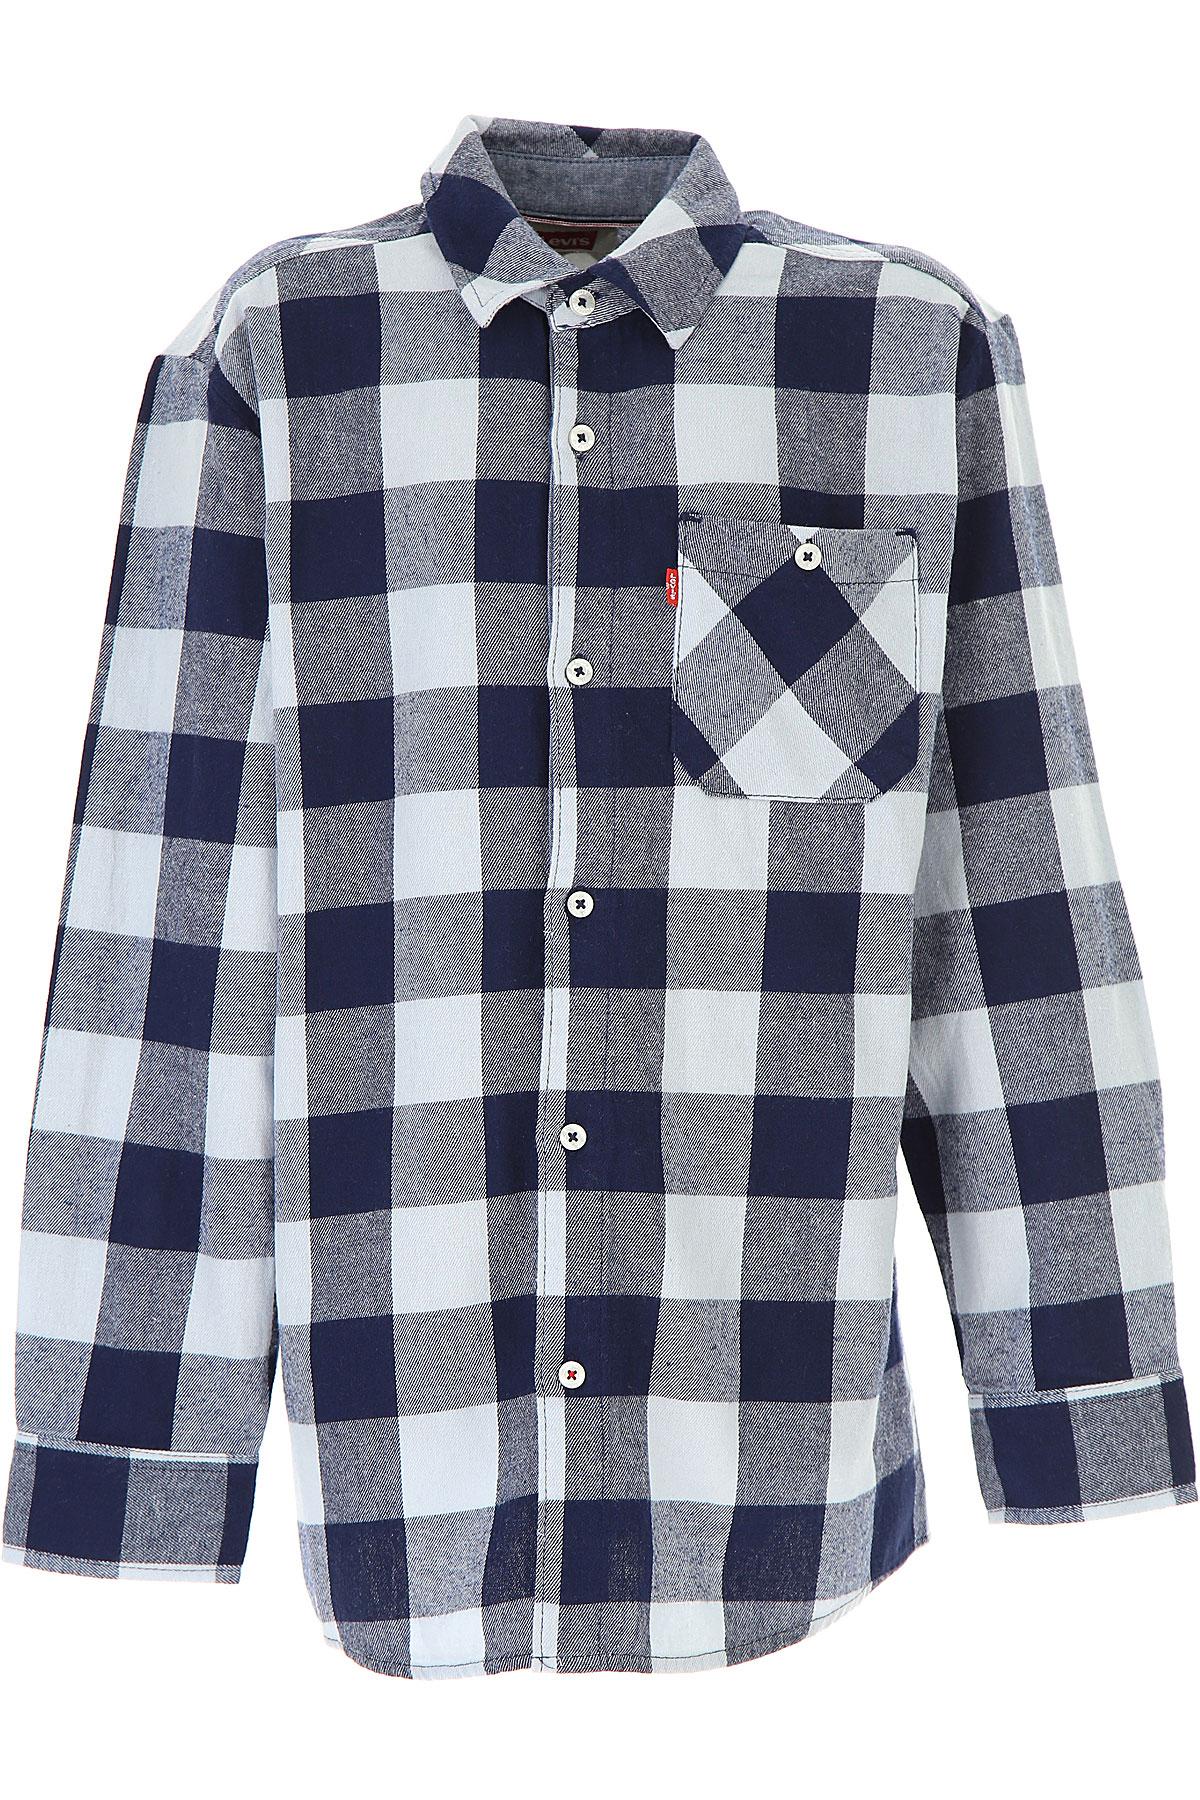 Levis Kids Shirts for Boys On Sale, Blue, Cotton, 2019, 10Y 12Y 14Y 16Y 4Y 6Y 8Y